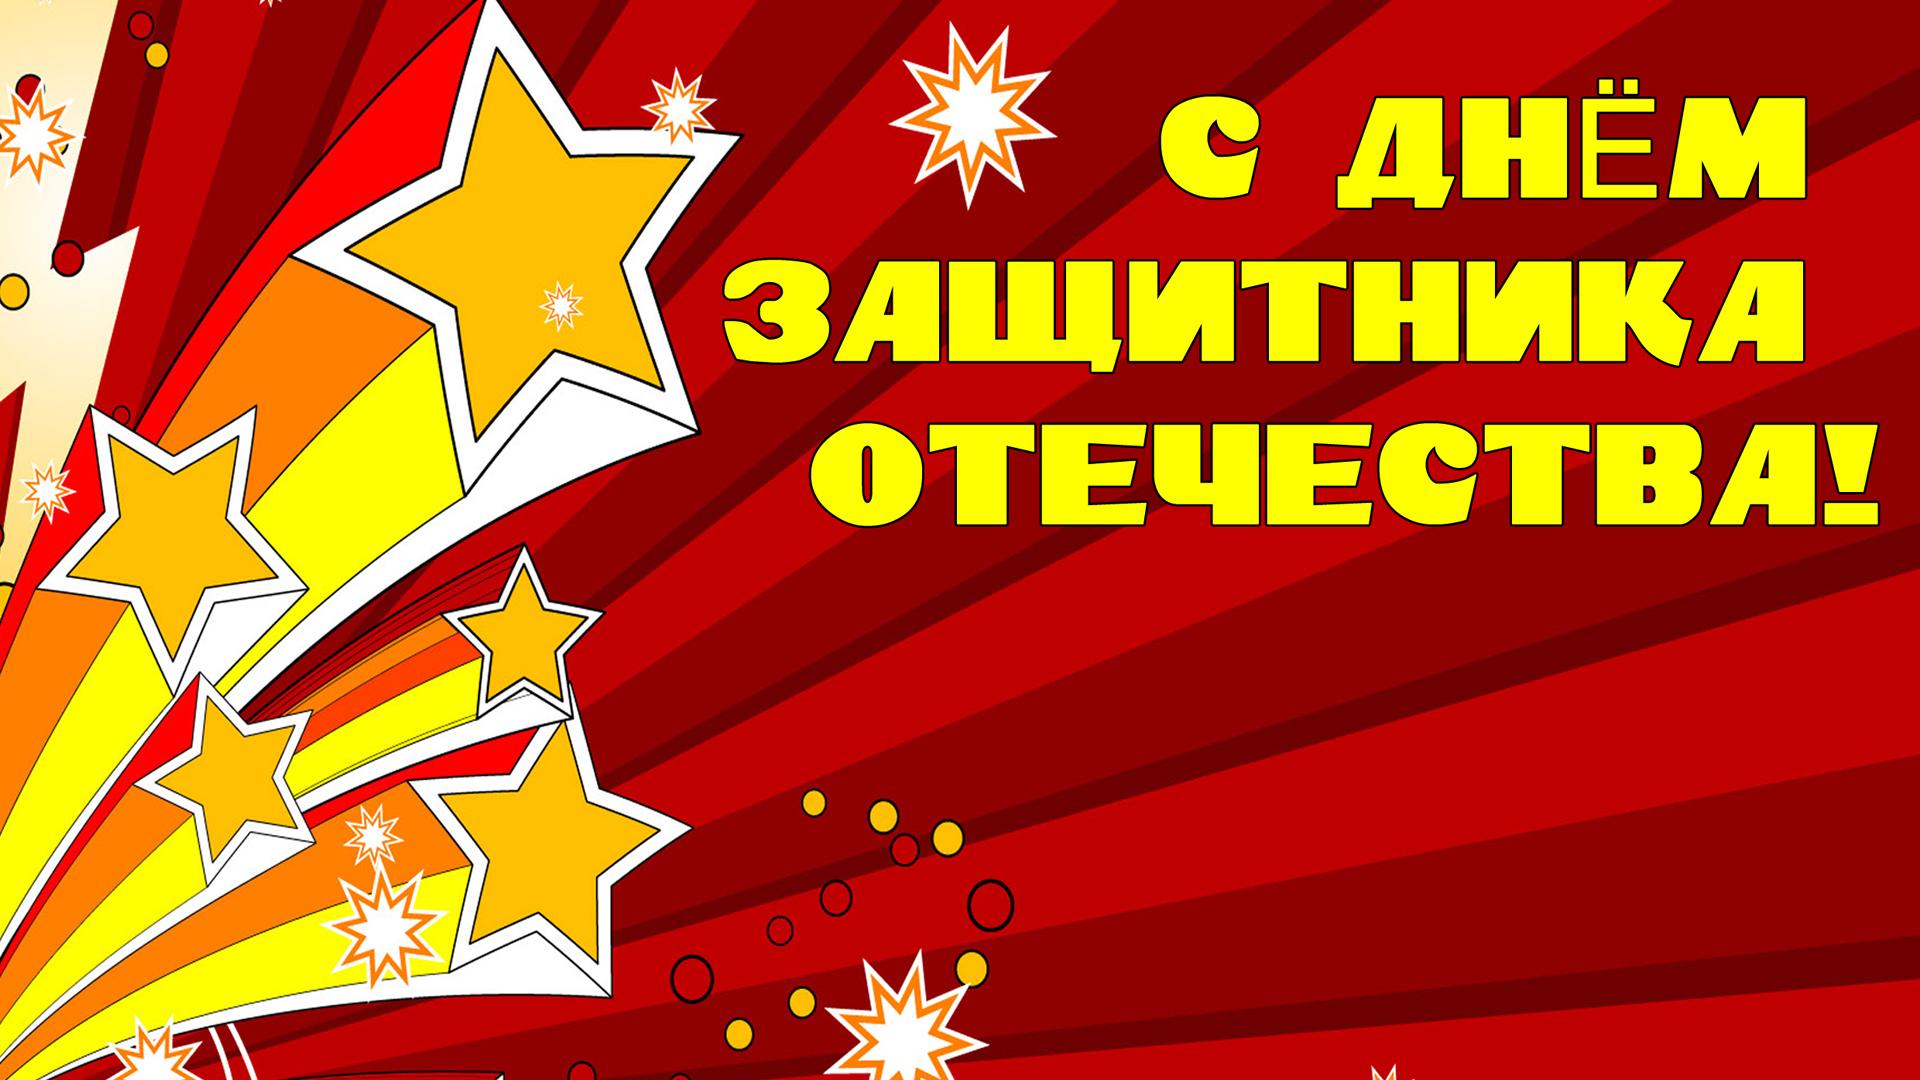 Поздравительные открытки к дню защиты отечества